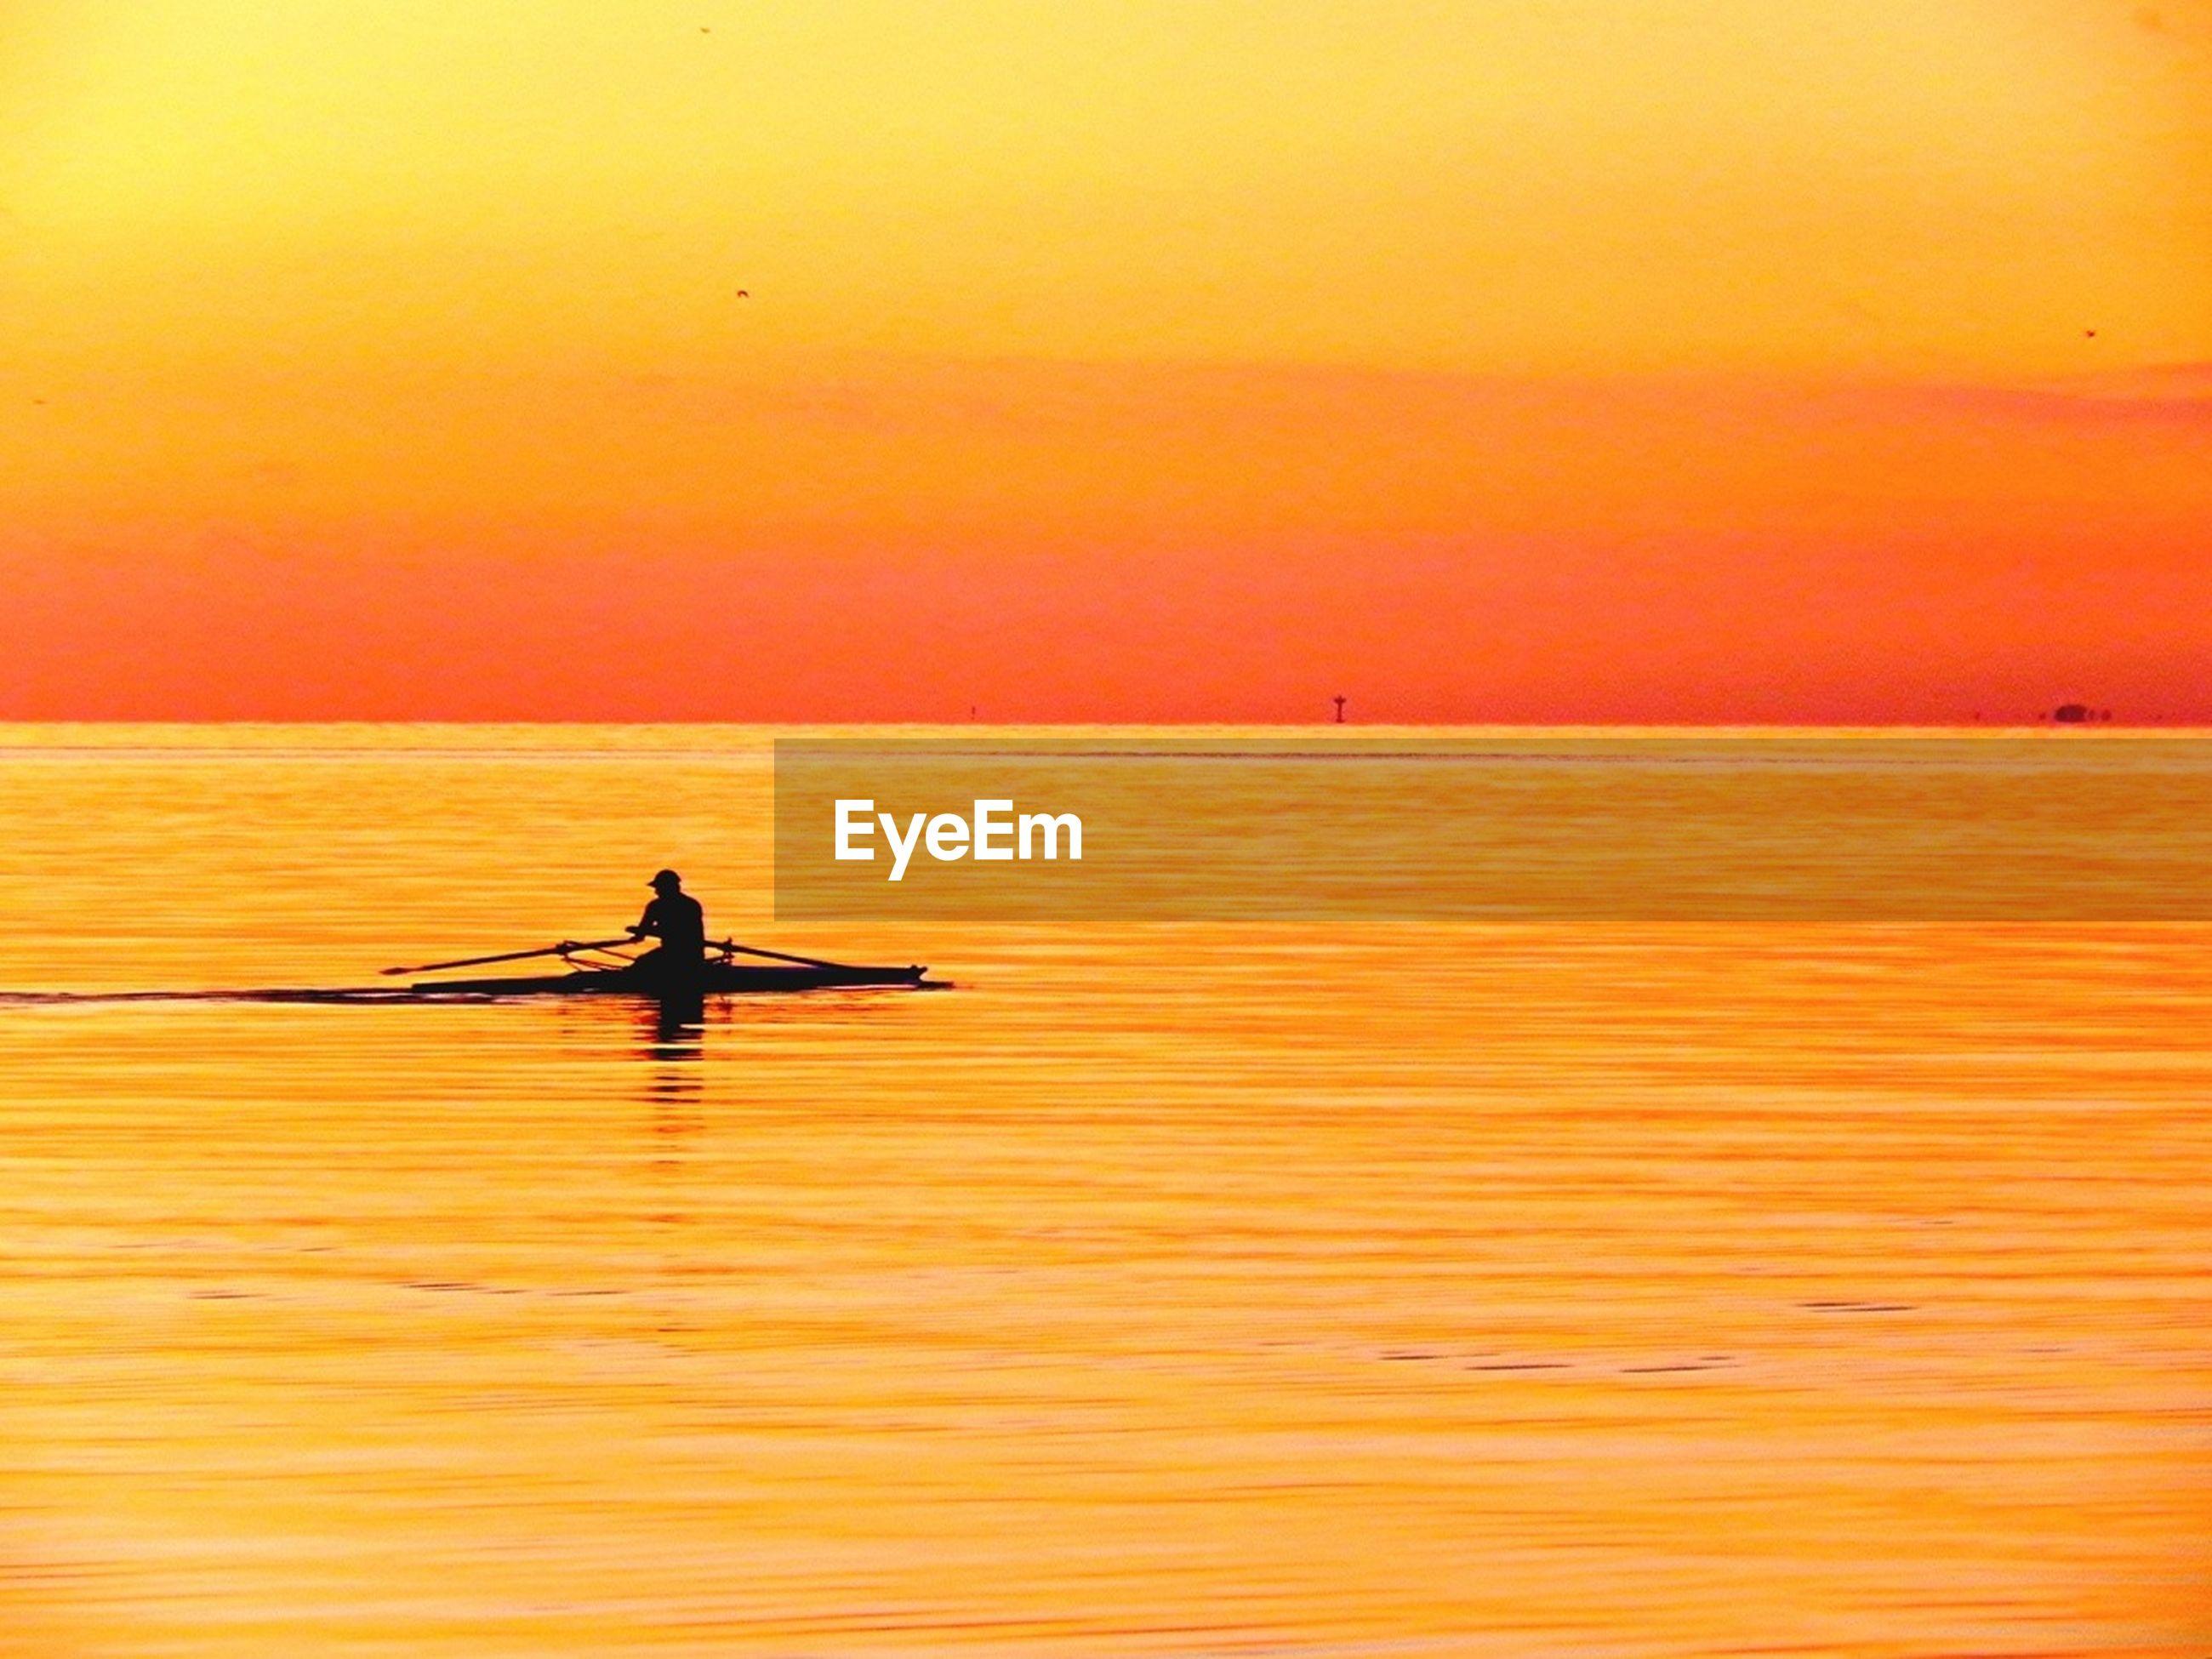 Silhouette man peddling boat in orange river